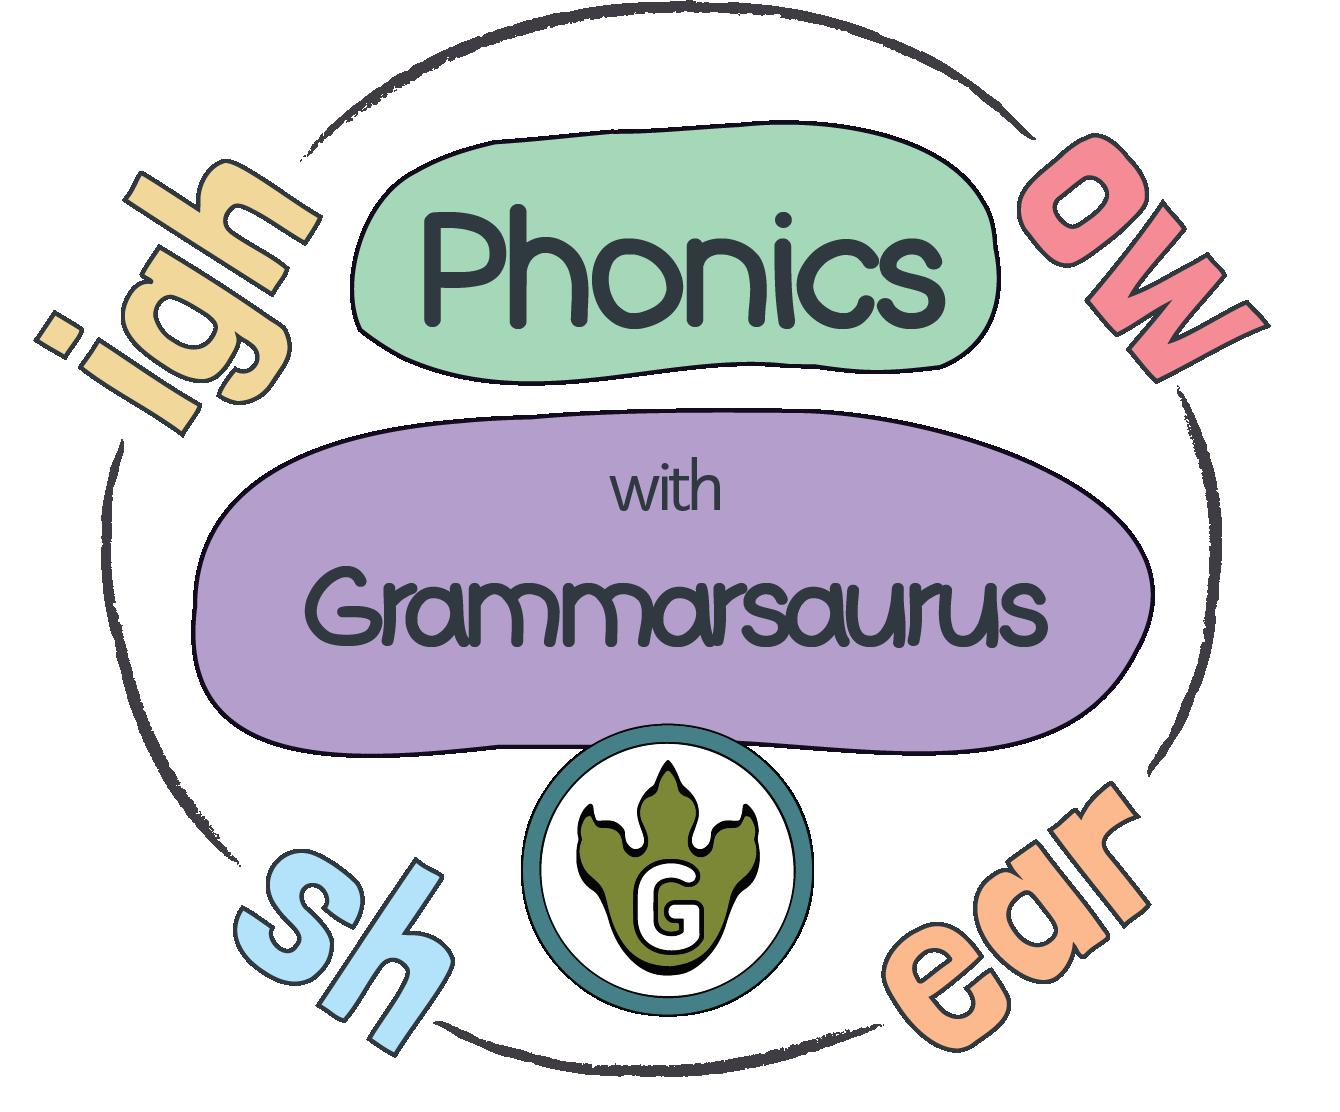 phonics-logo